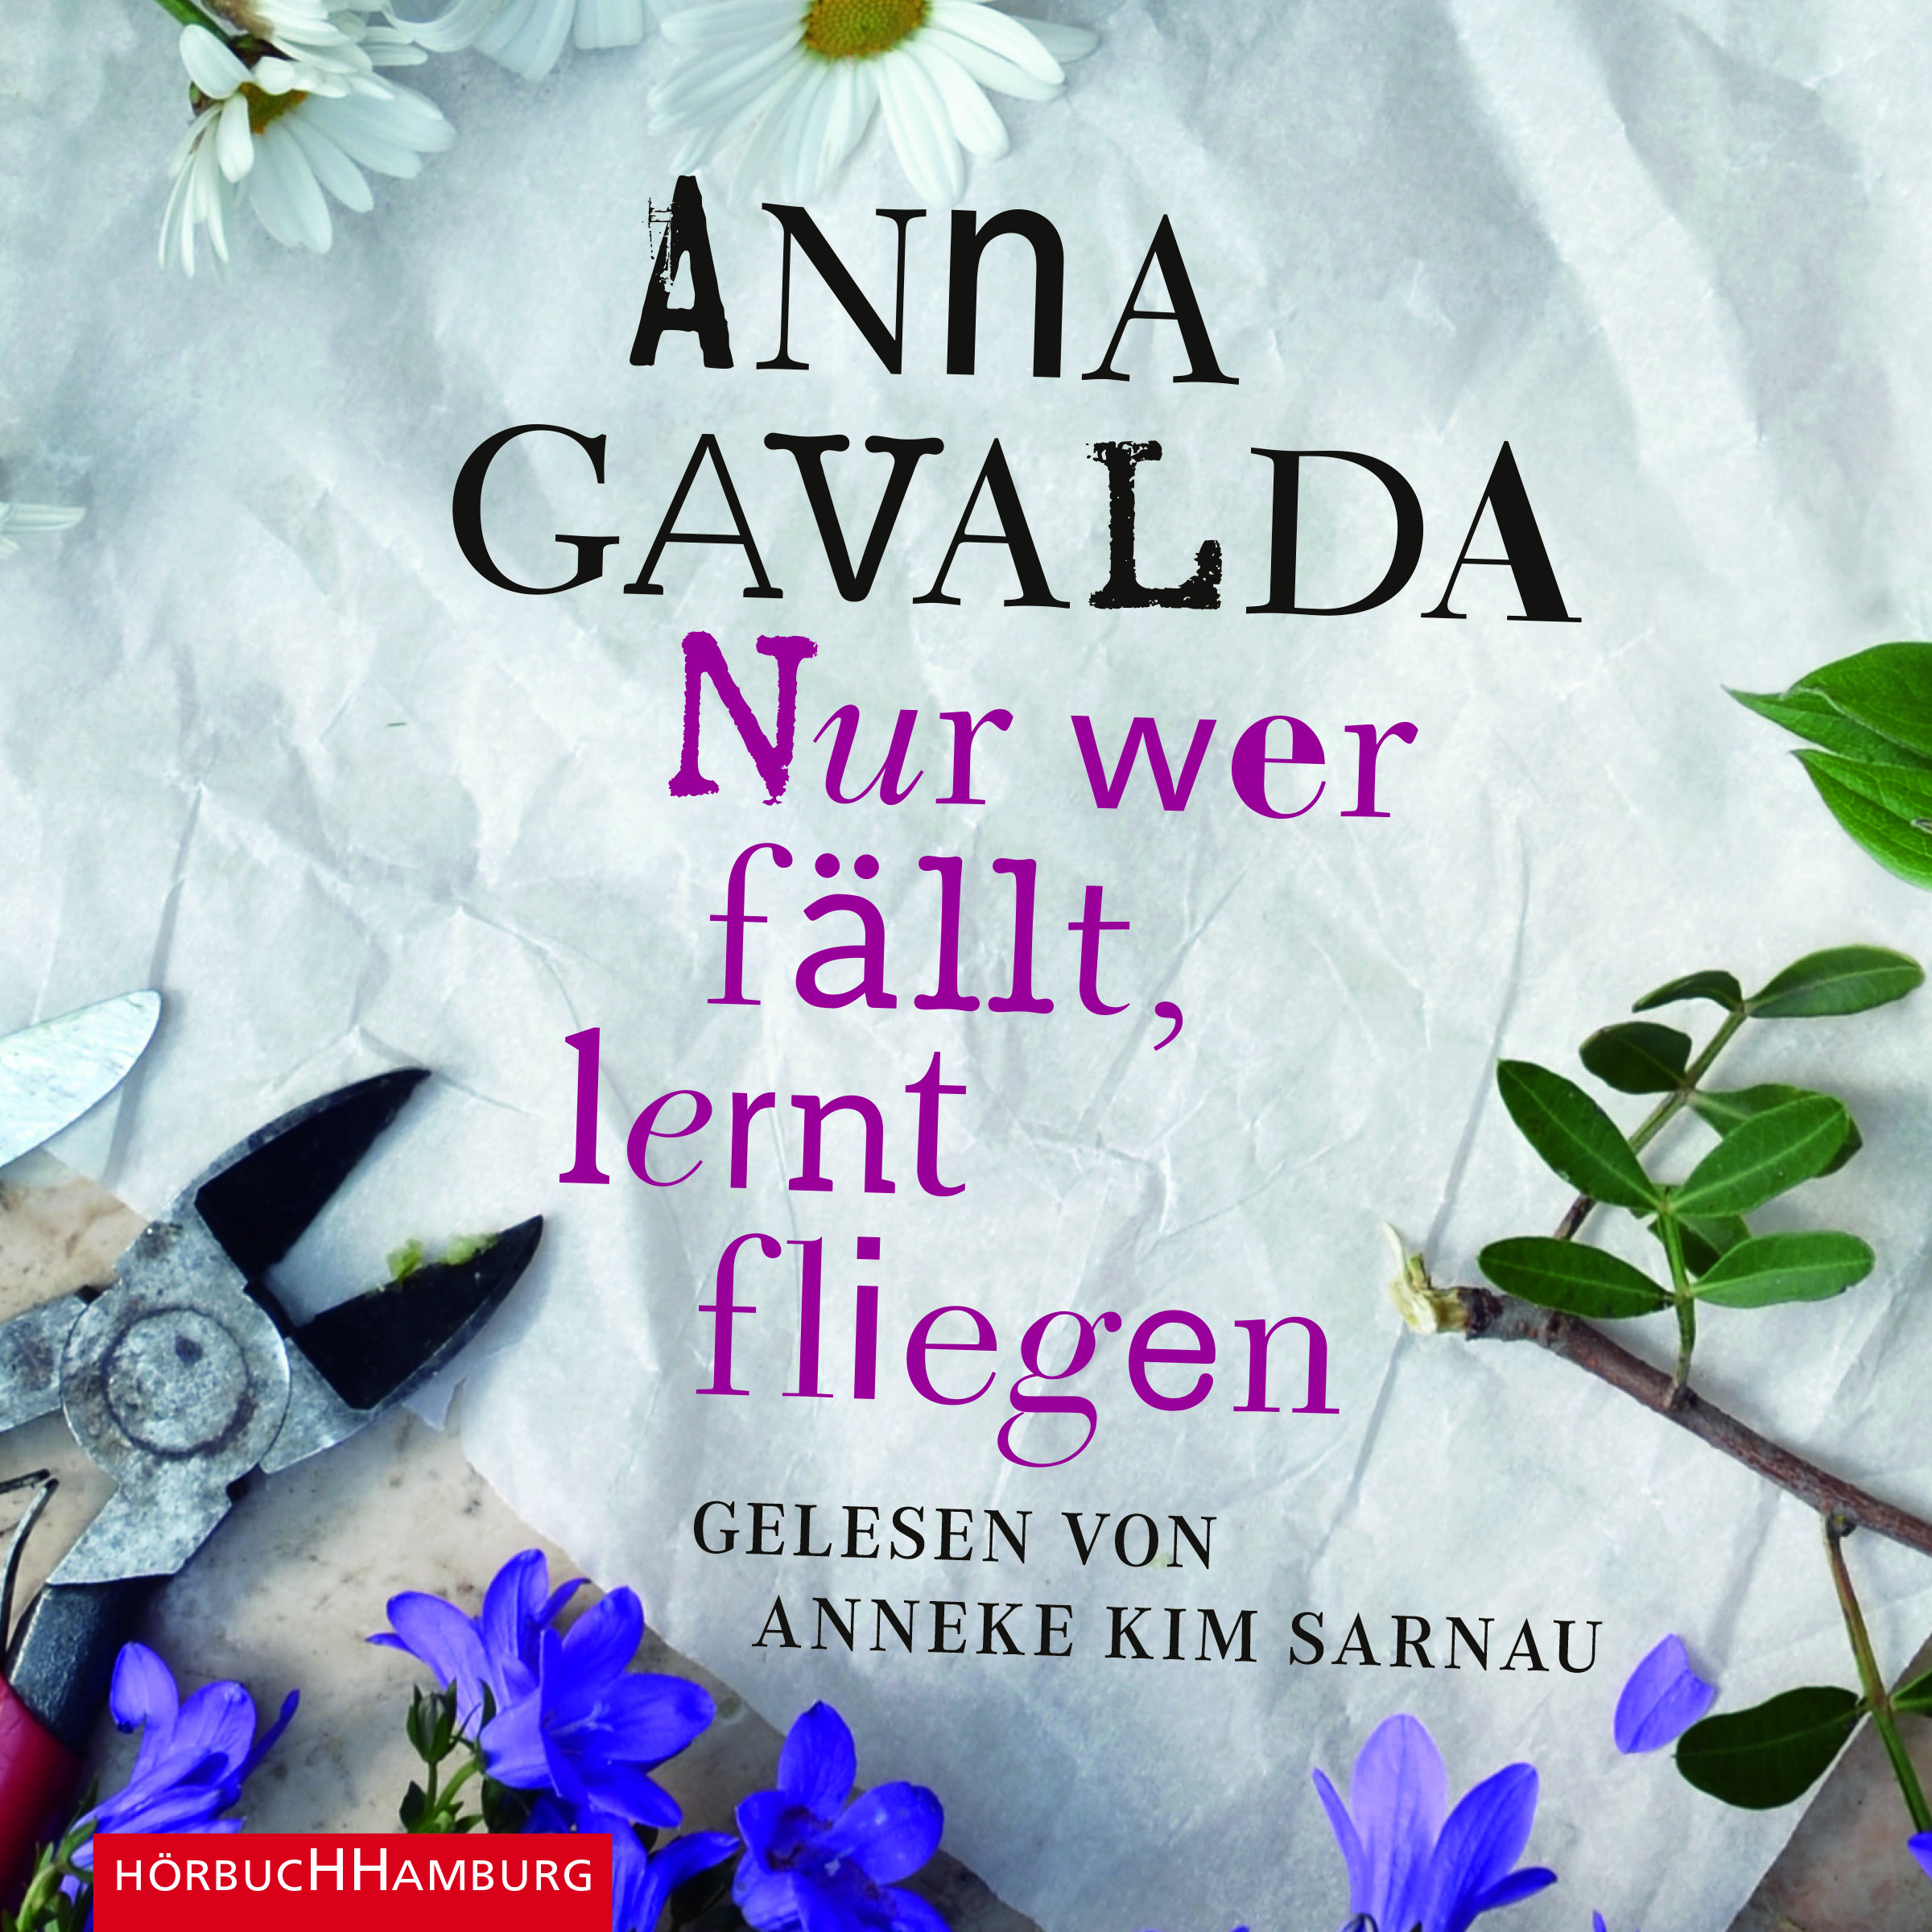 Cover für das Nur wer fällt, lernt fliegen Hörbuch